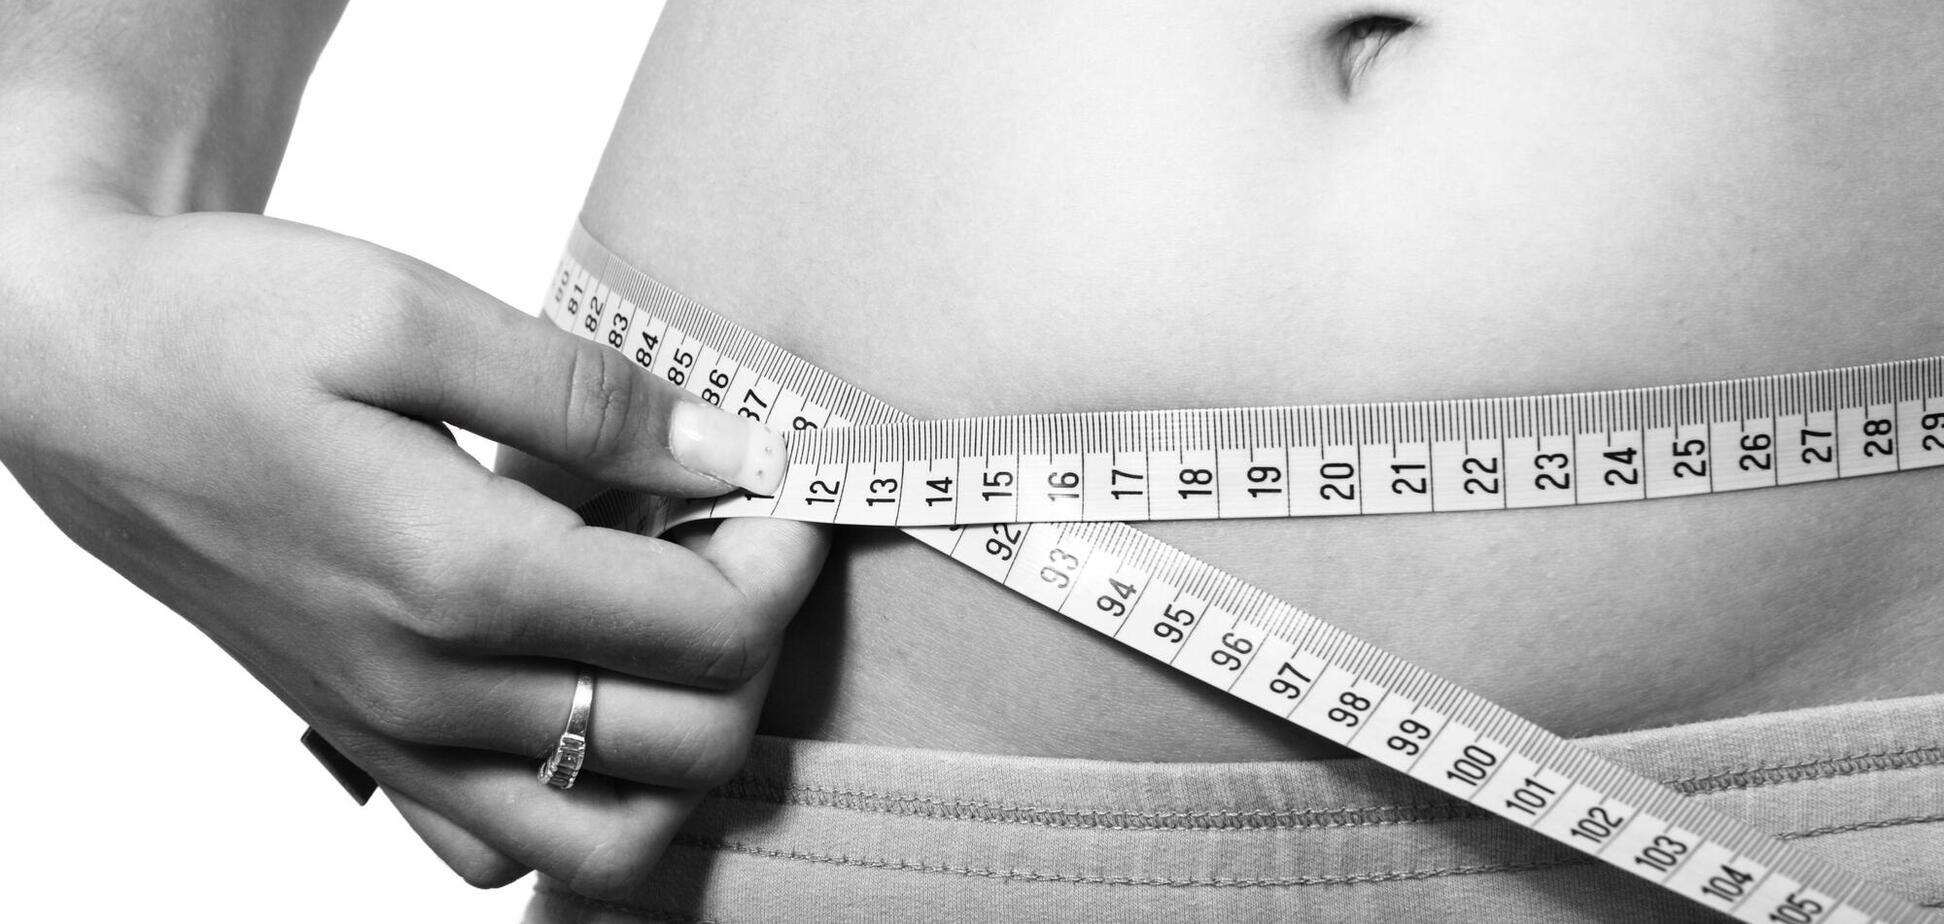 Набір ваги відбувається внаслідок сповільненого метаболізму